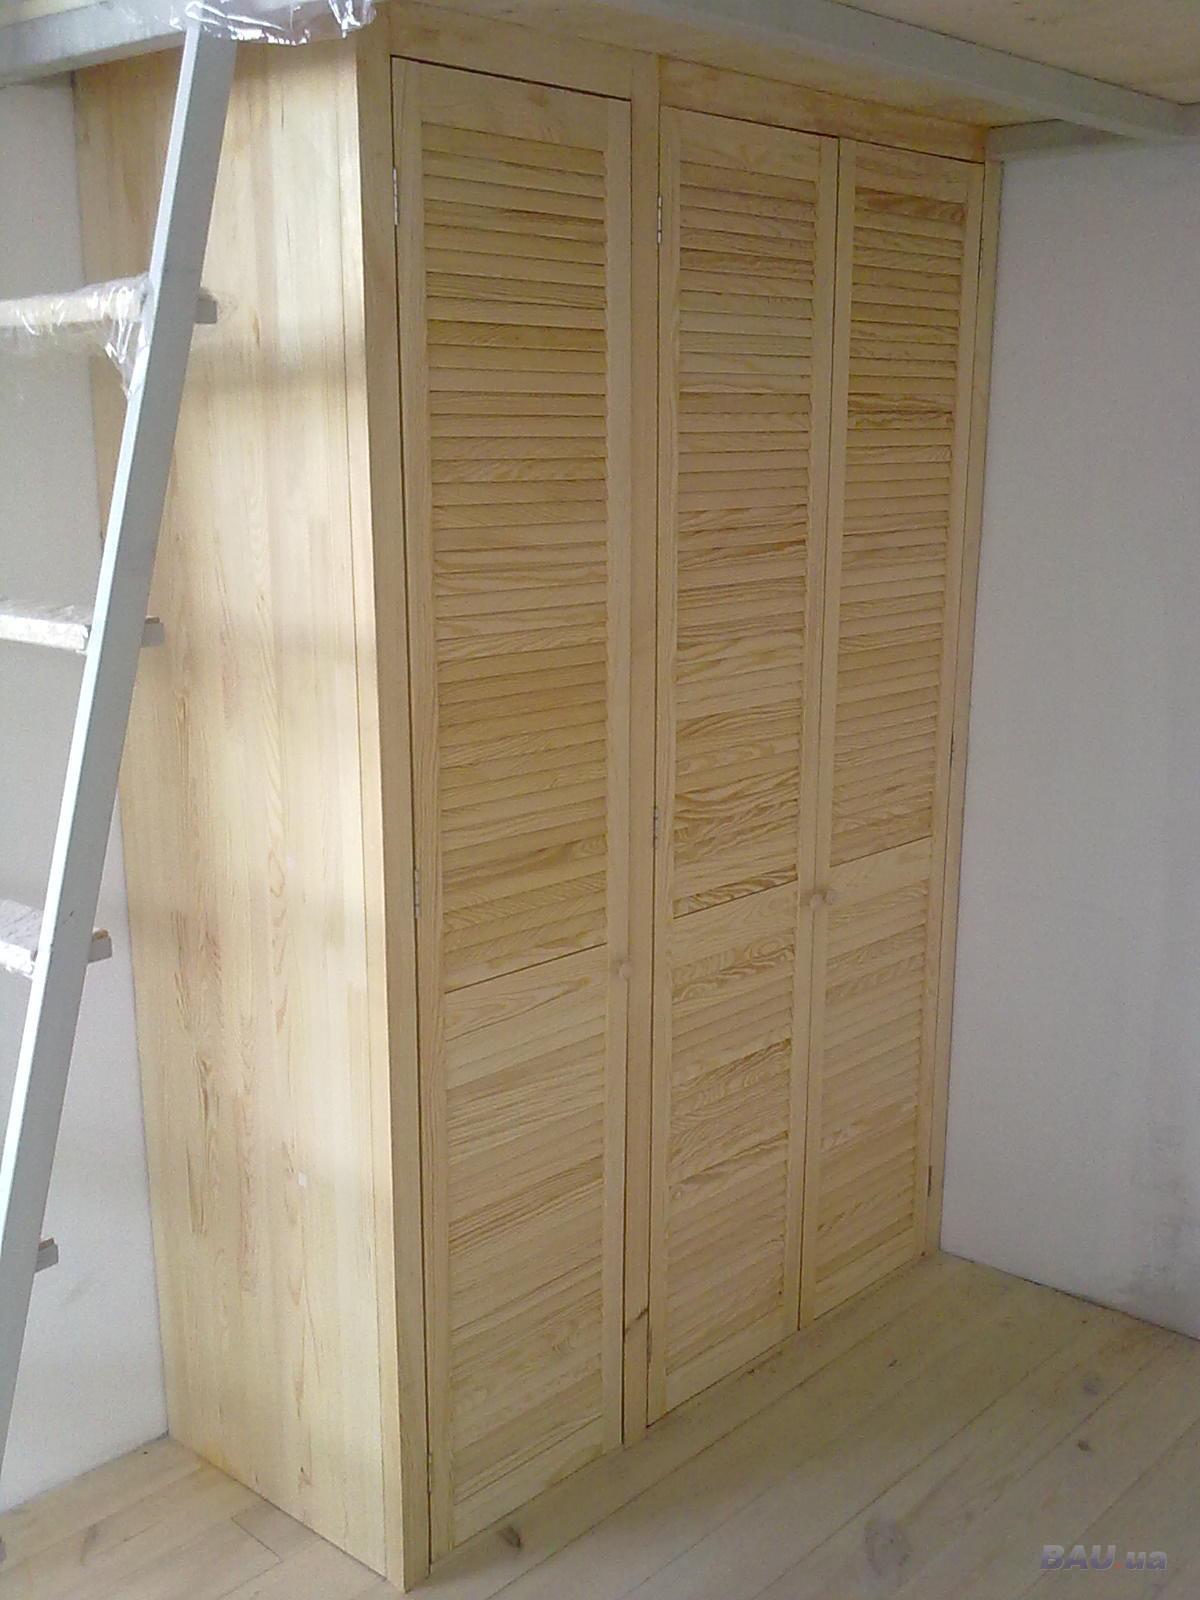 Продам: шкаф из жалюзийных дверей, купить: шкаф из жалюзийны.